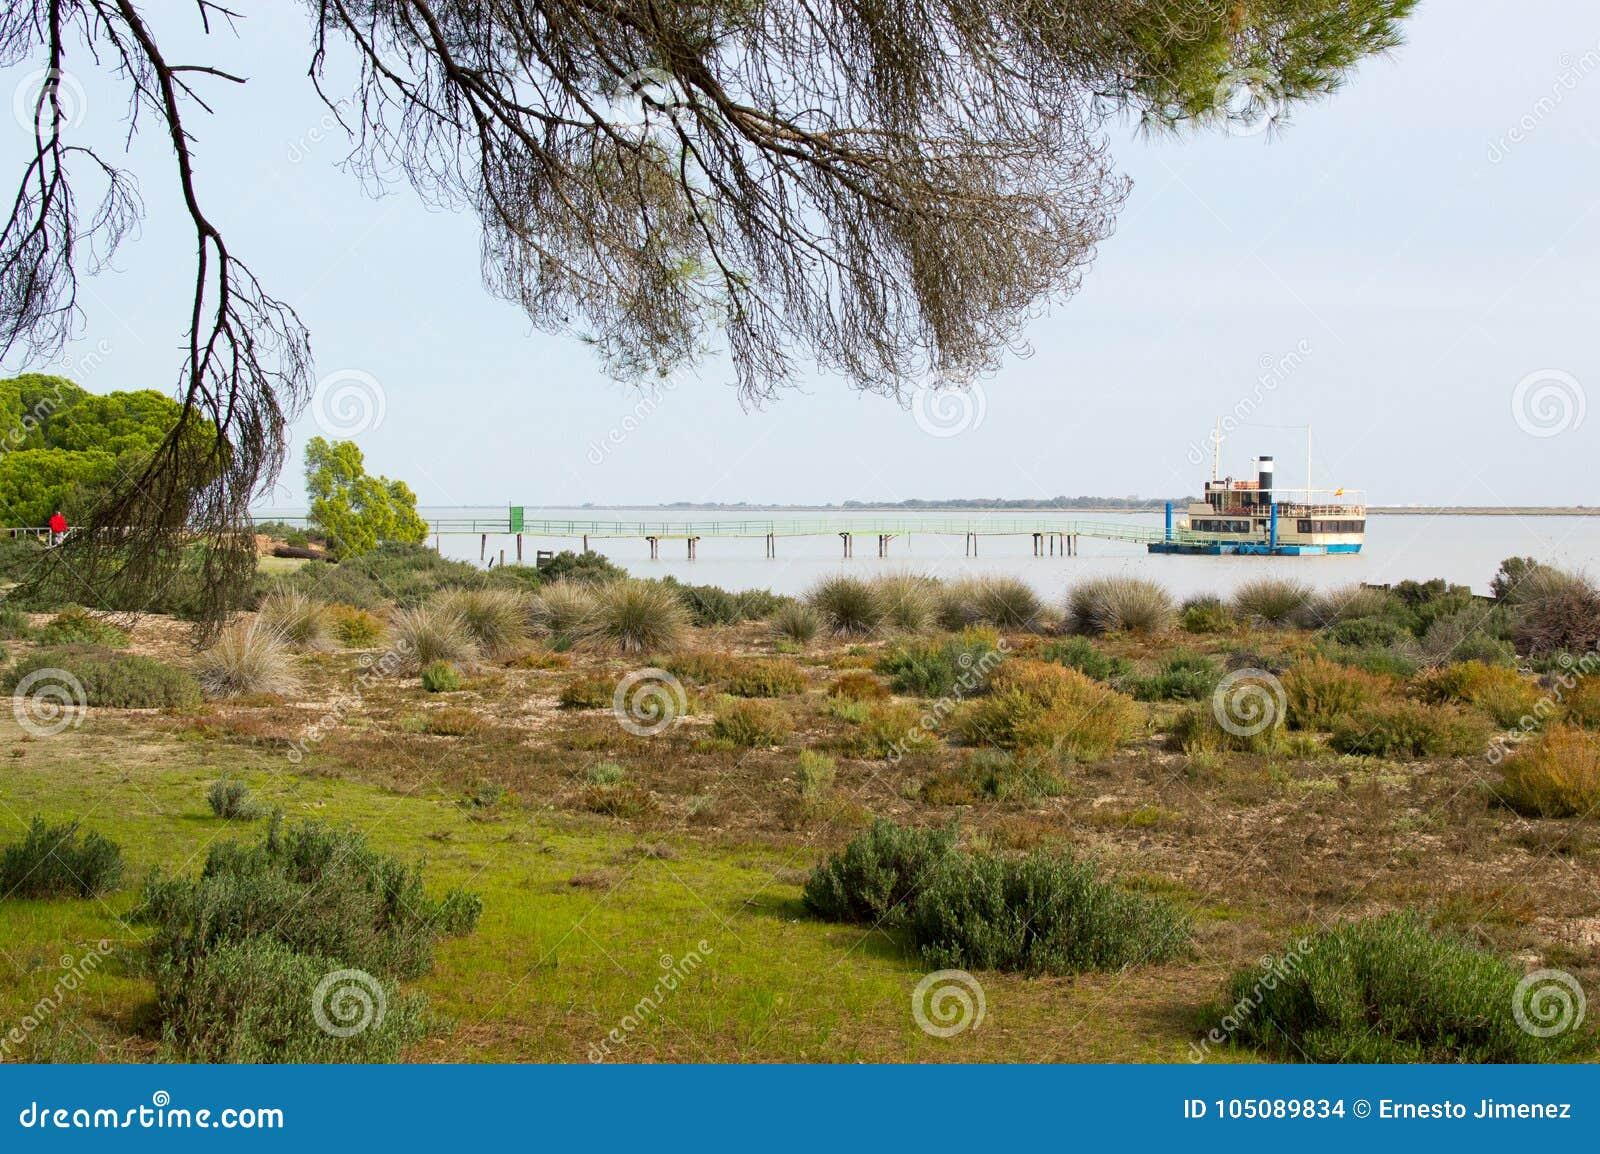 Banken van de Guadalquivir in het Nationale Park van Doñana